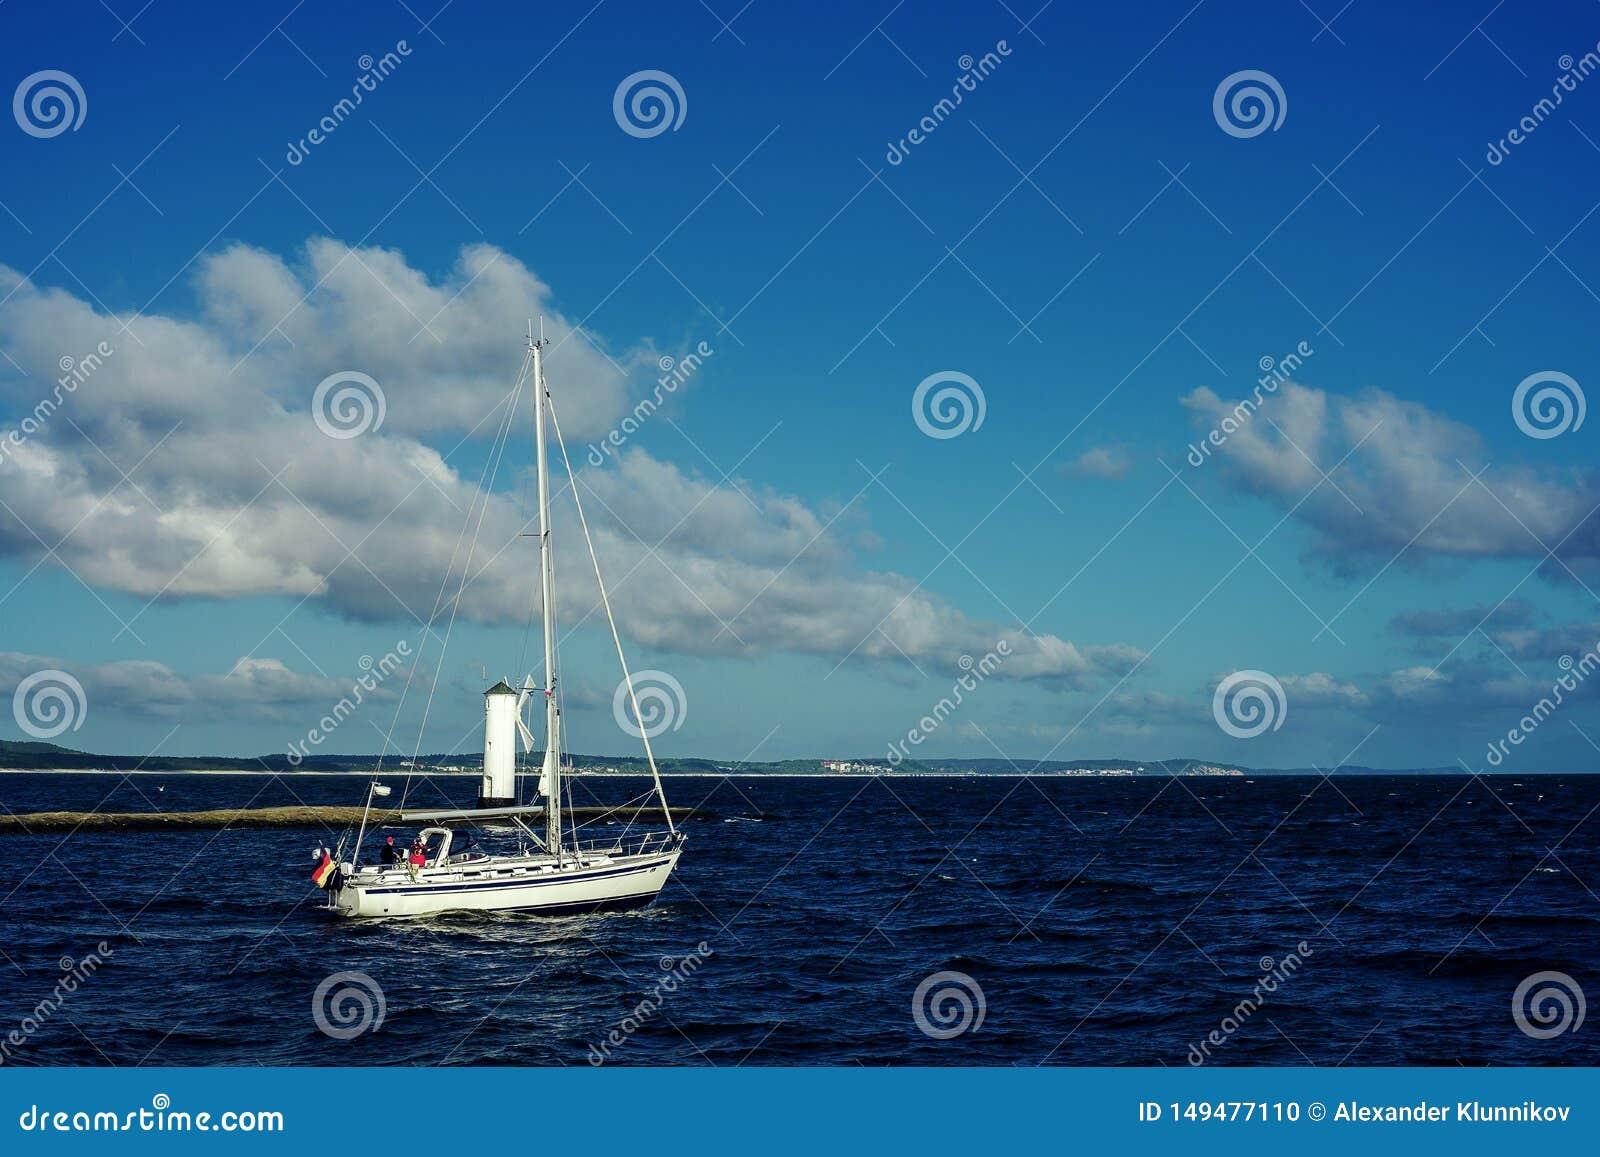 Witte varende boot aan de gang gebruikende motor op het achtergrondland